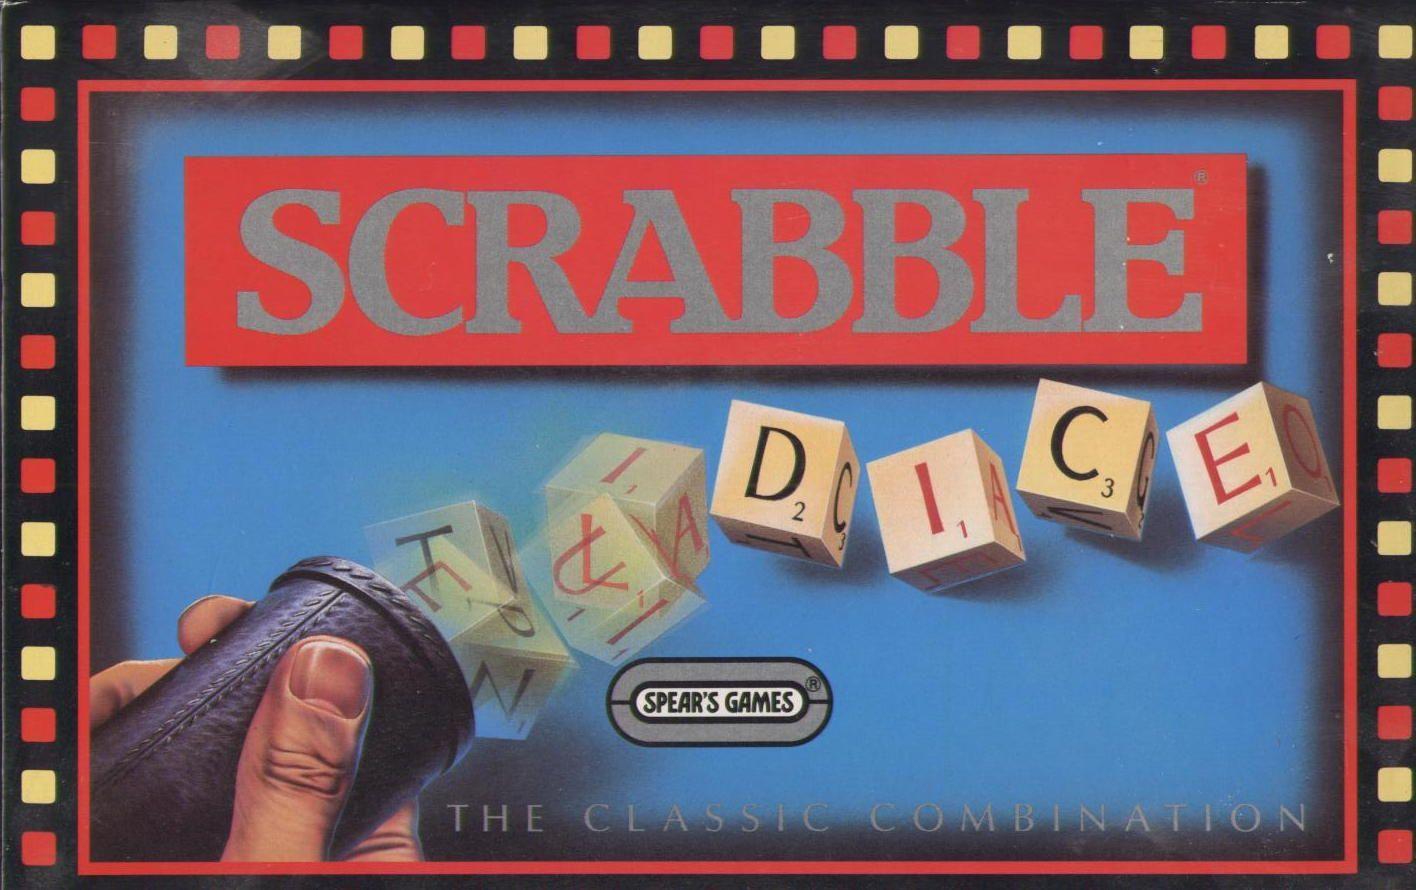 настольная игра Scrabble Dice